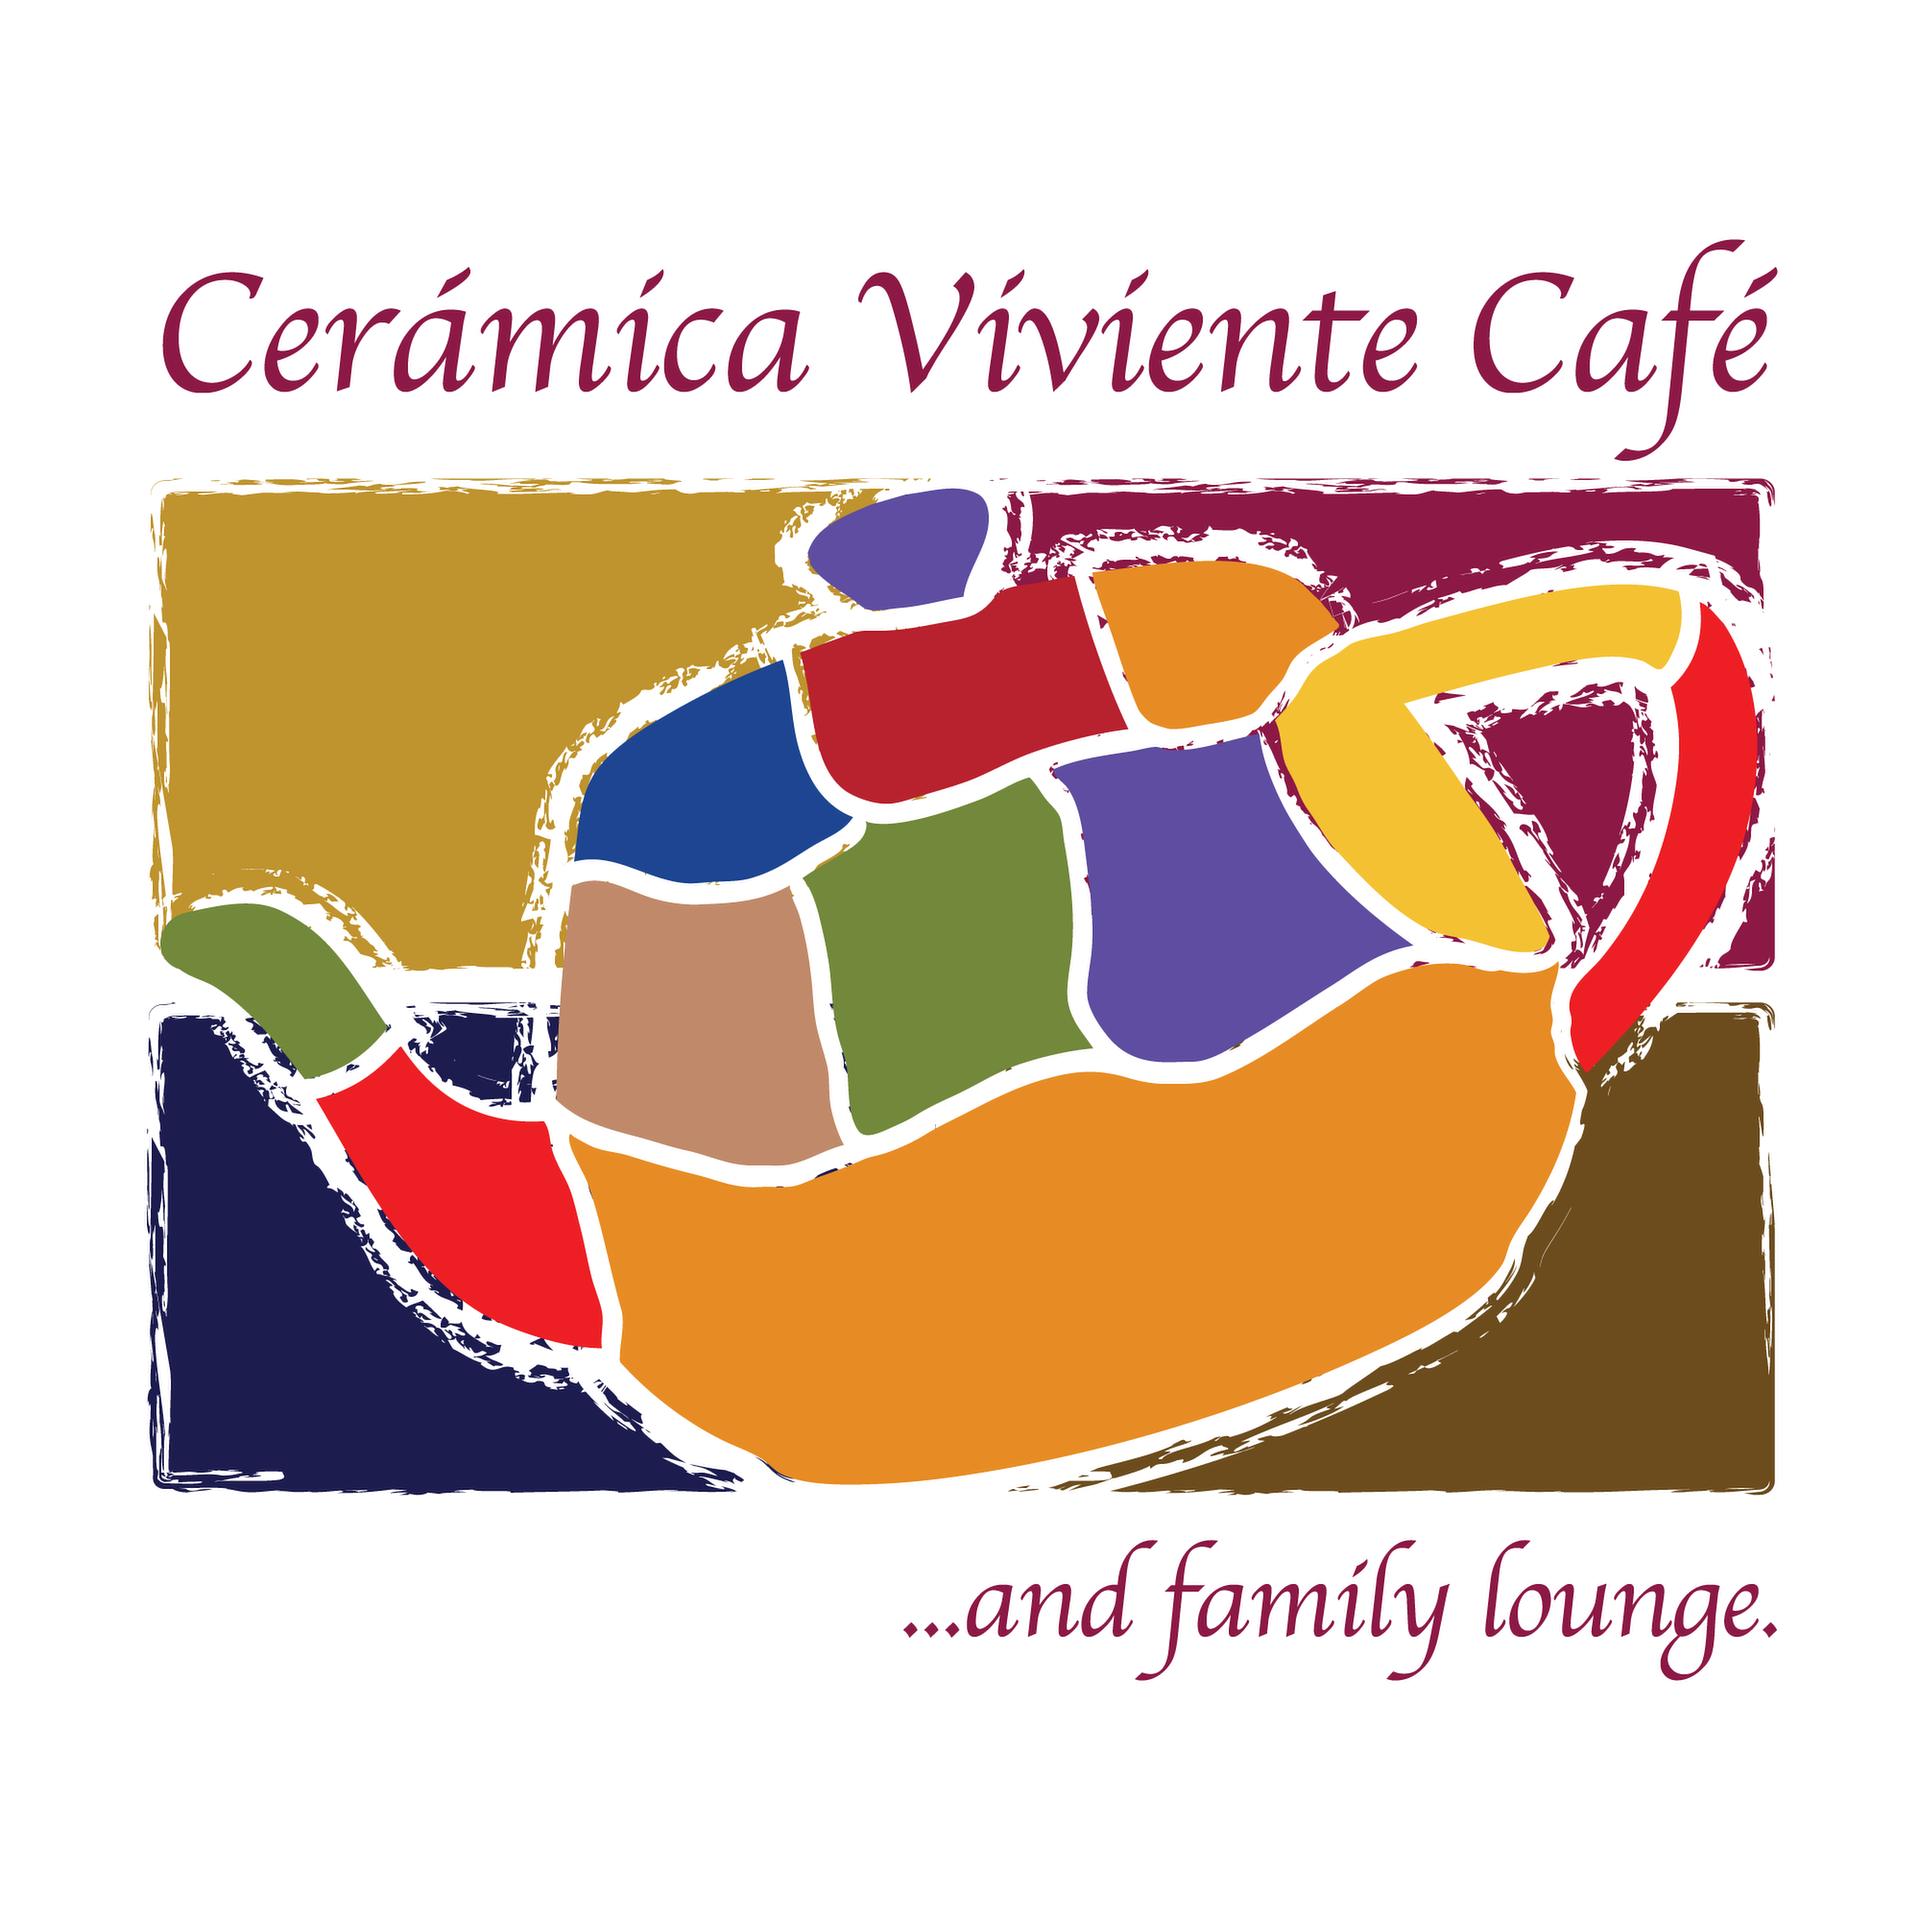 Ceramica Vivente Cafe